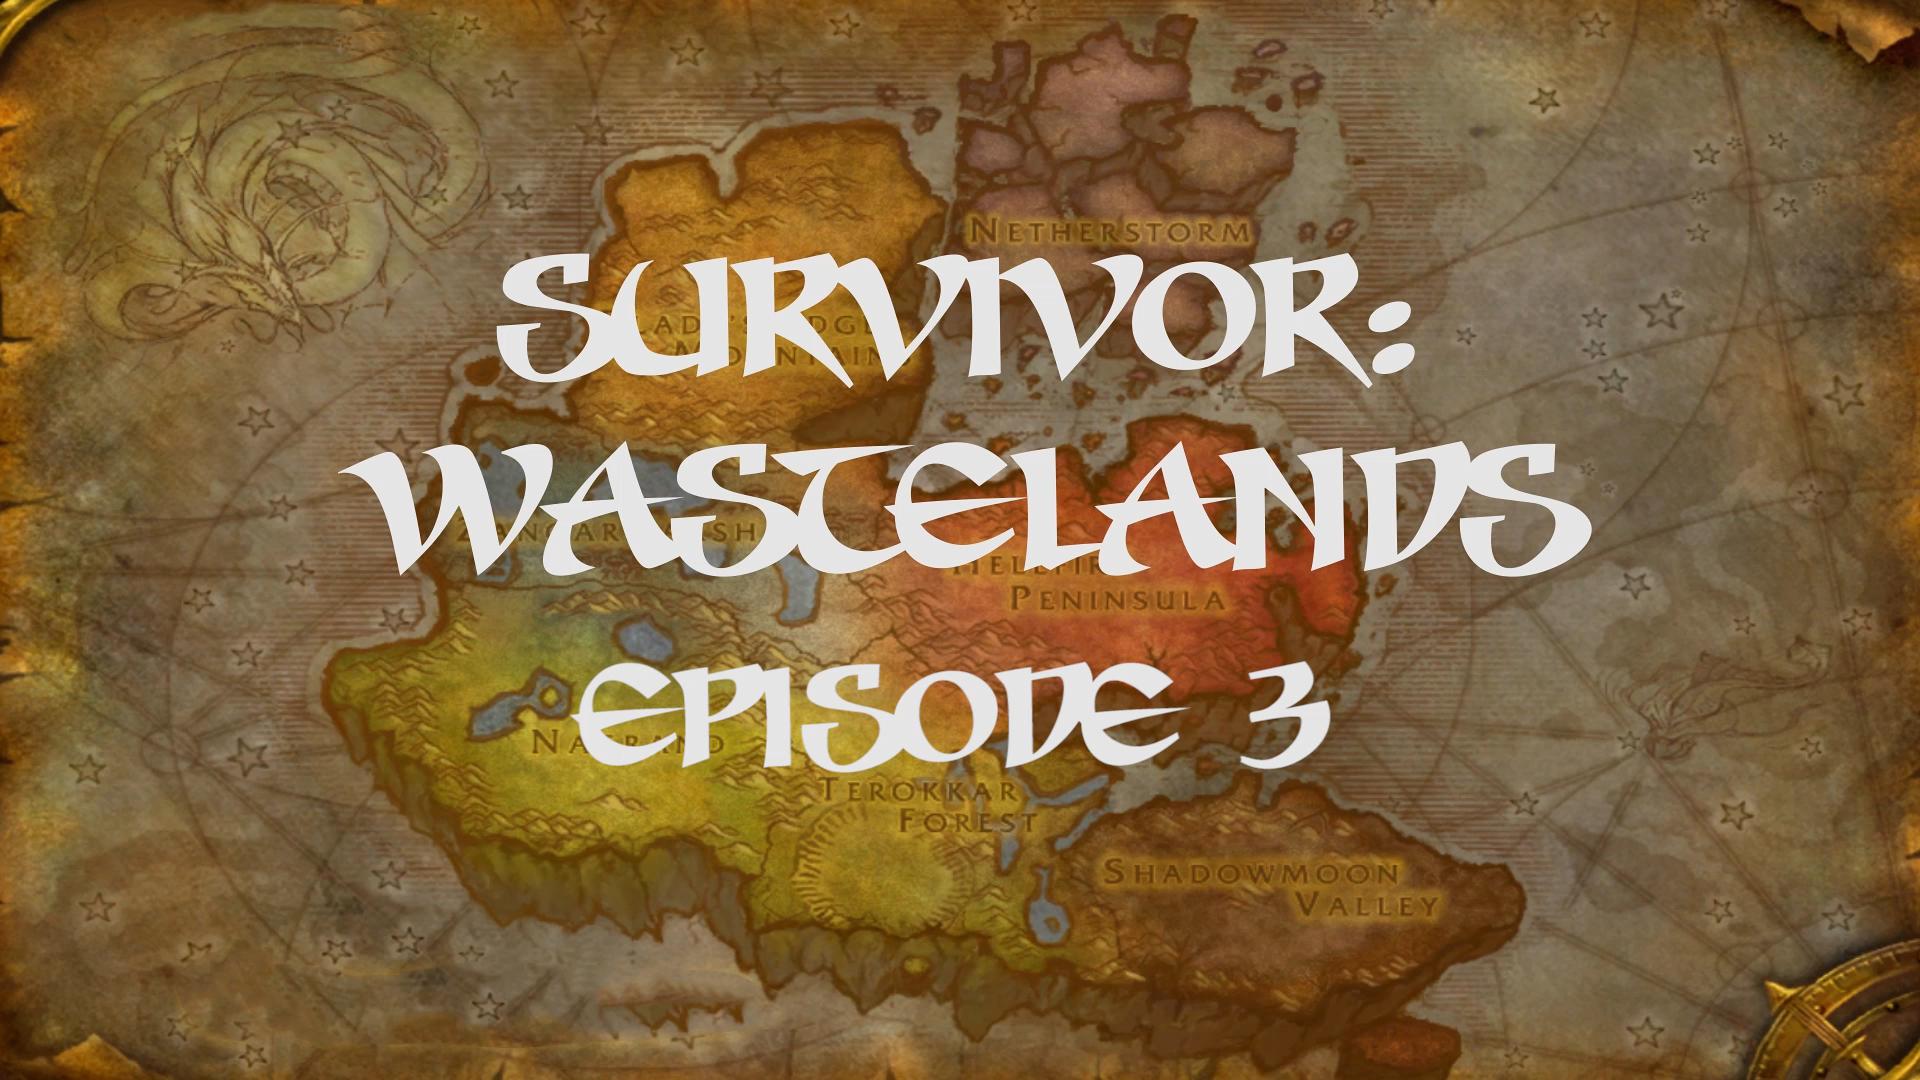 Survivor Wastelands Episode 3.jpg